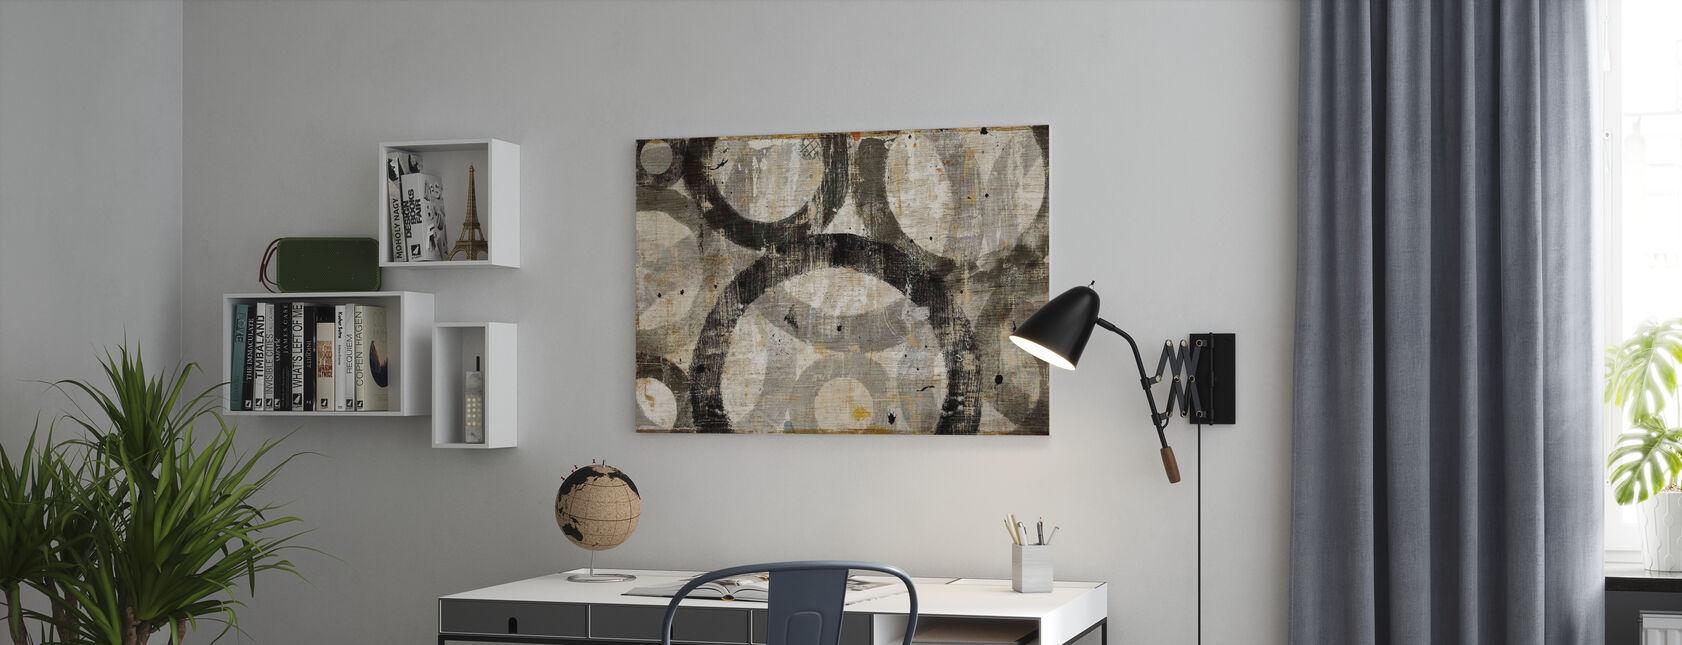 Industriële kringen - Canvas print - Kantoor